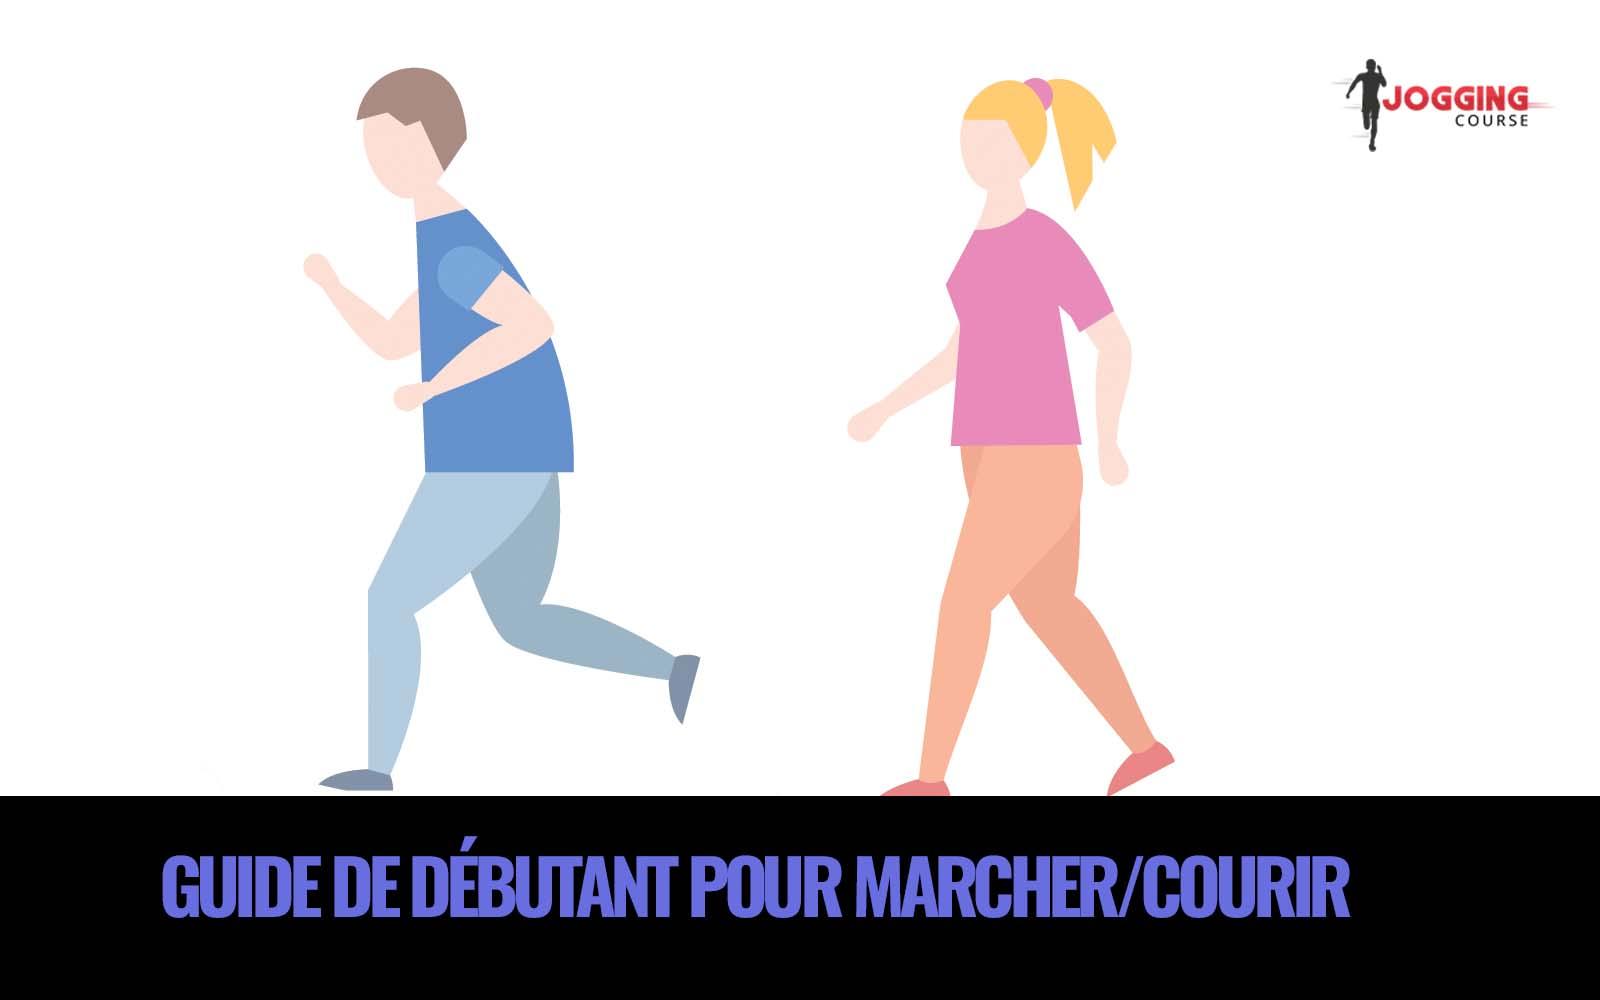 guide pour marcher et courir homme qui court et femme qui marche jogging course